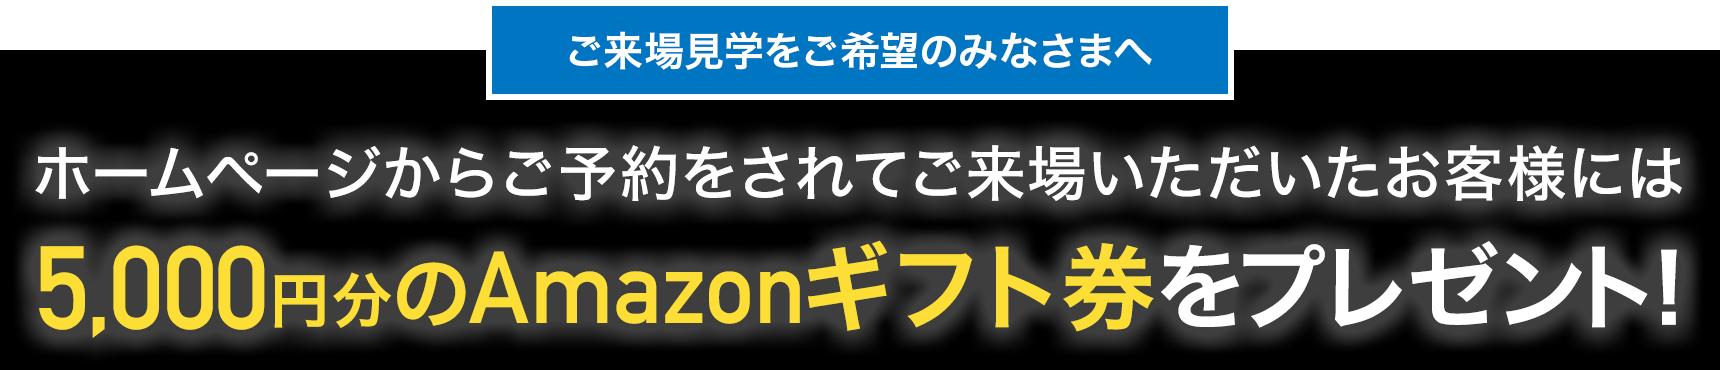 ホームページからご予約をされてご来場いただいたお客様には1,000円分のクオ・カードをプレゼント!